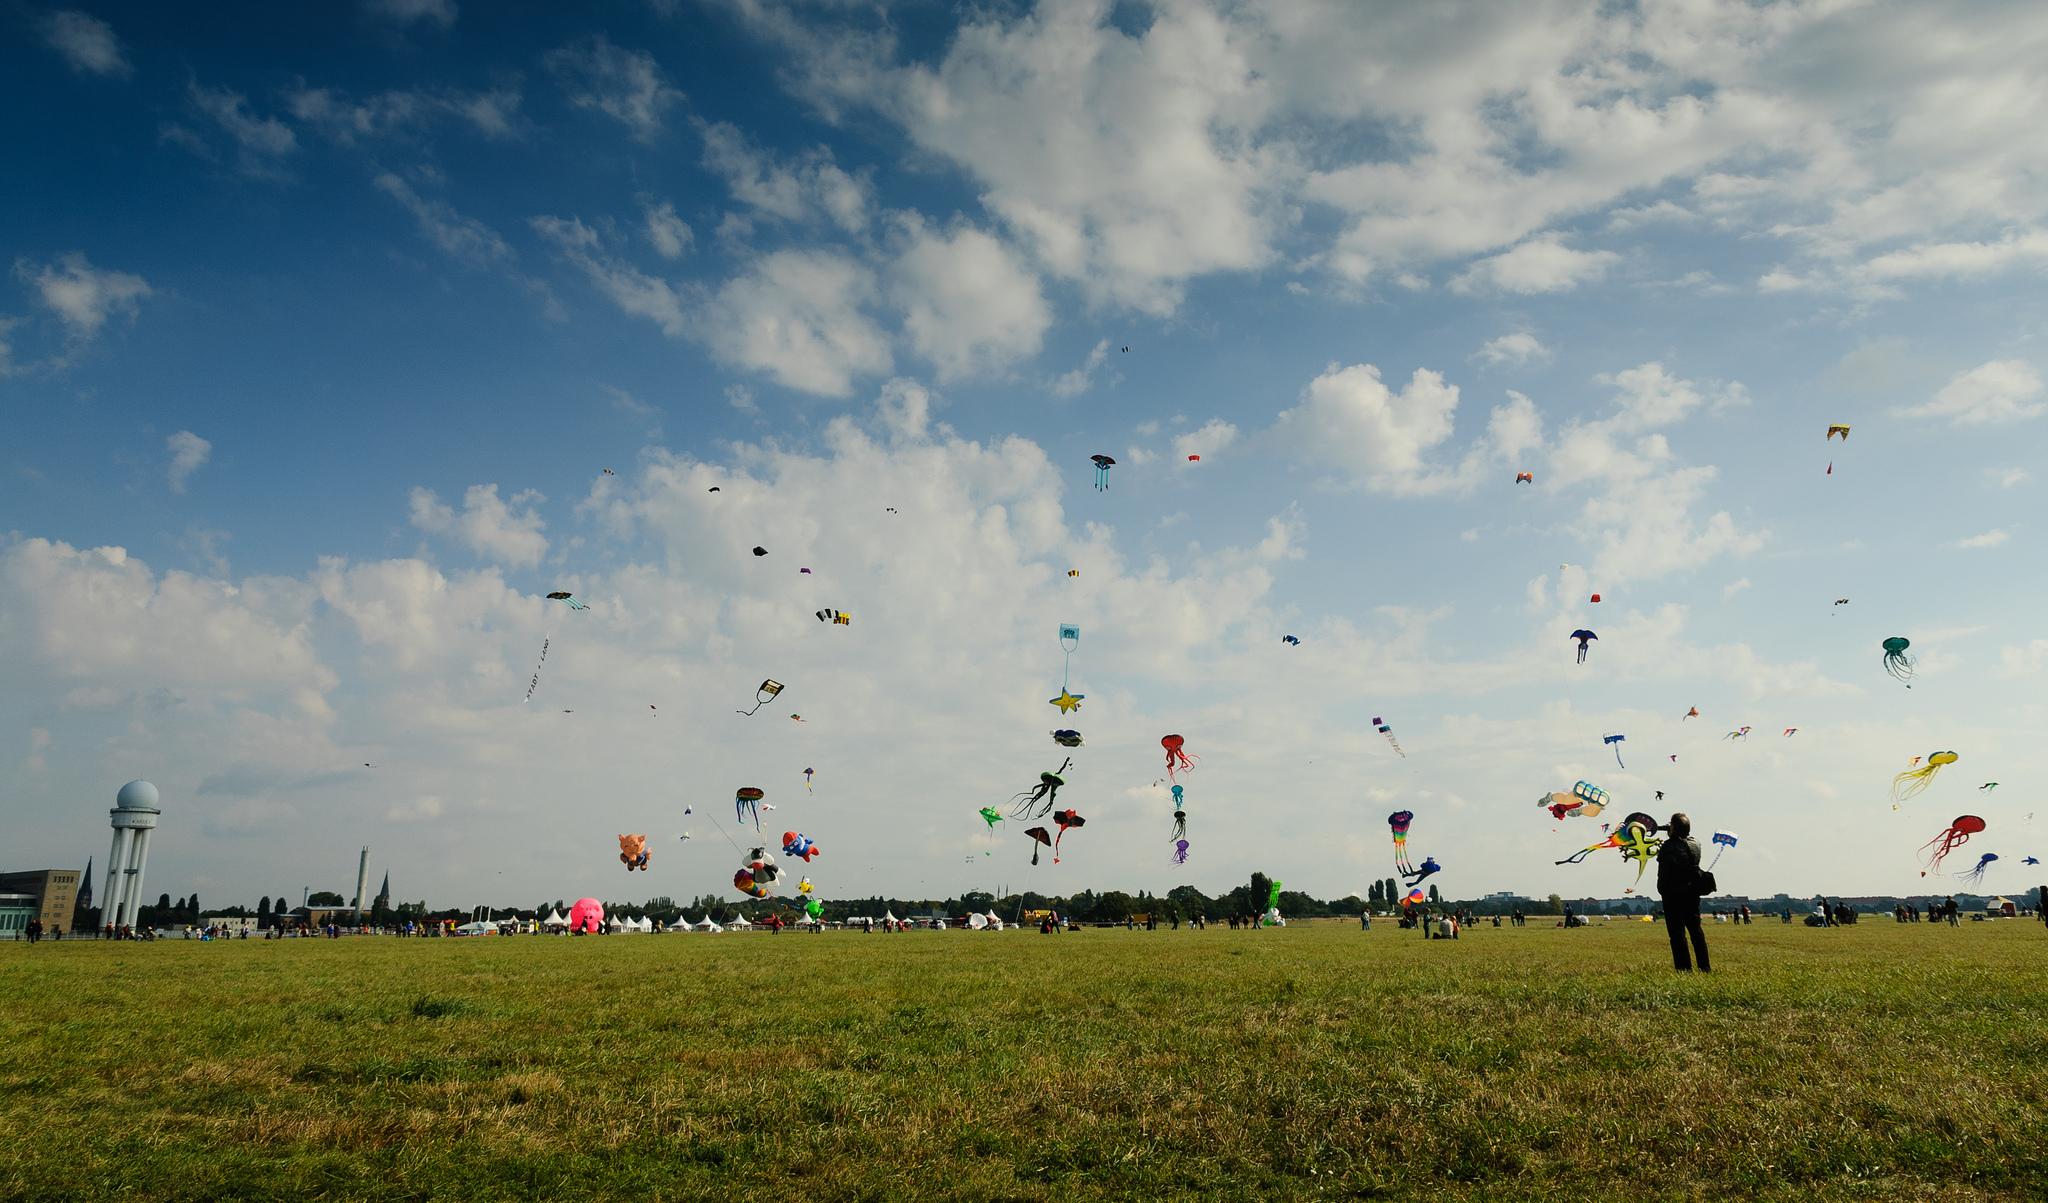 Drachenfest |© Axel Kuhlmann / Flickr